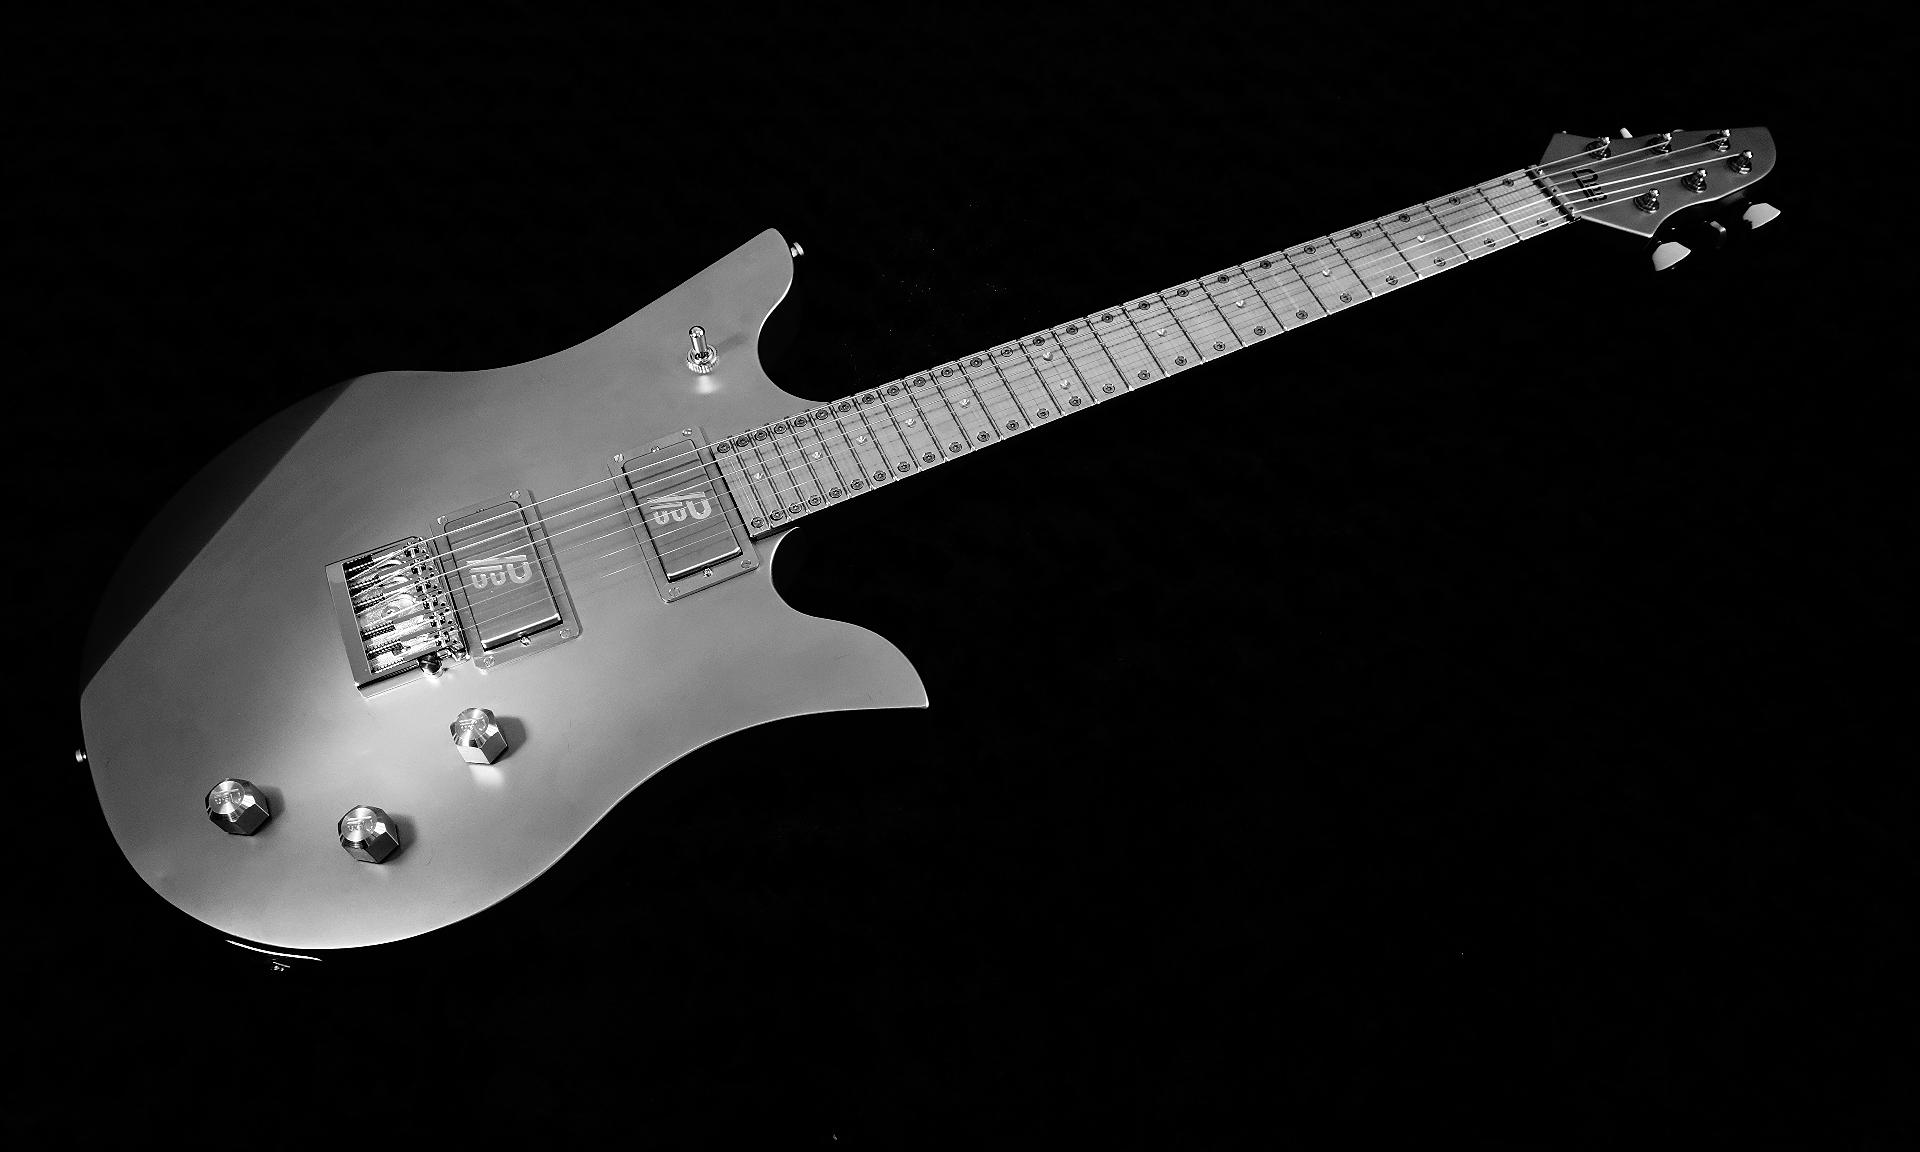 PB GUITAR model 2014